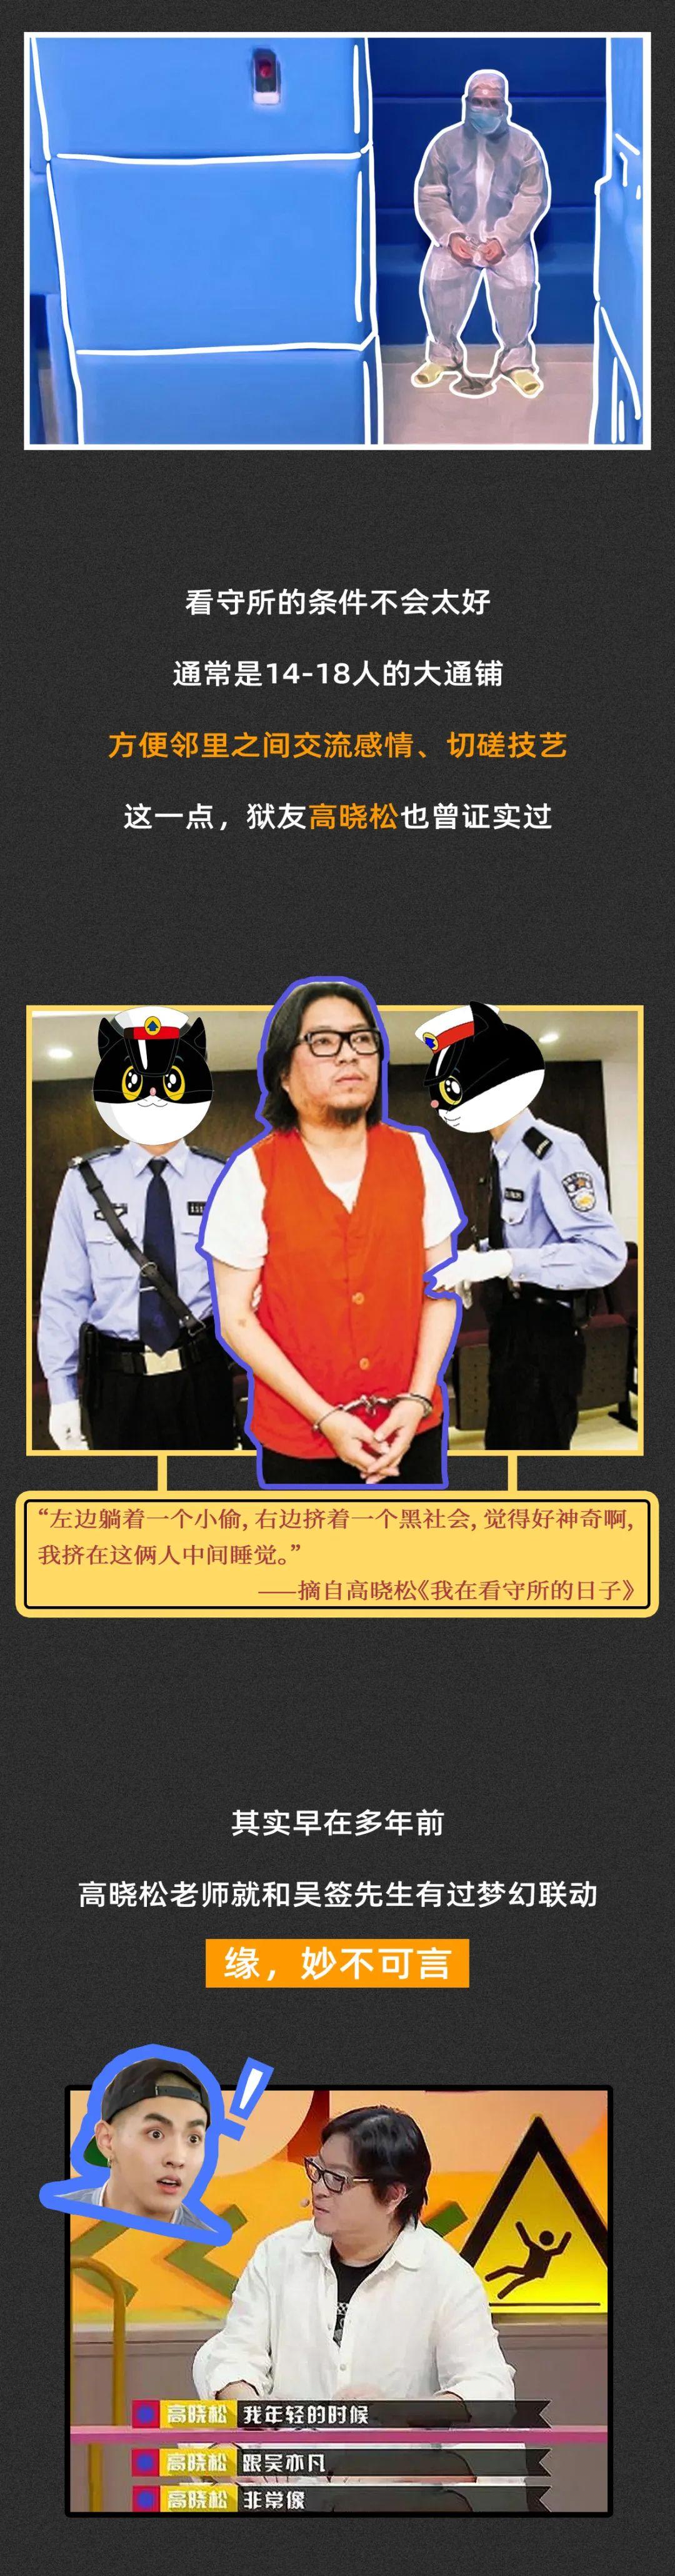 吴亦凡被捕!牢房细节曝光!